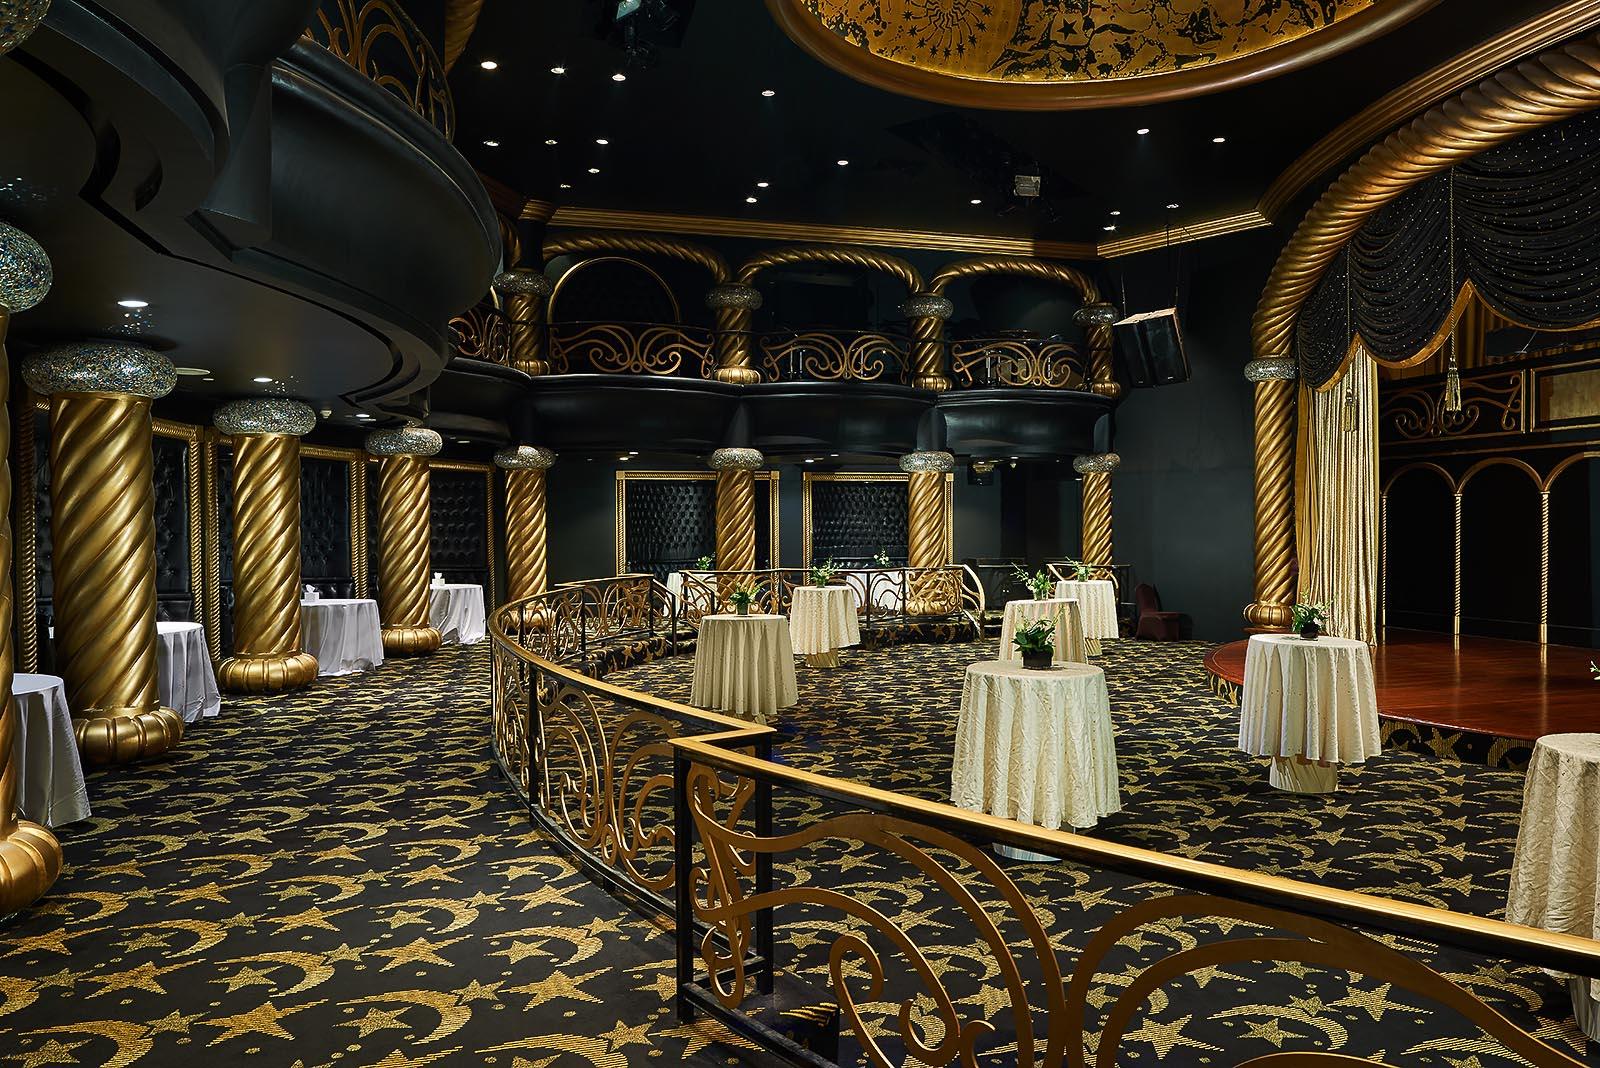 Grand Nile Tower hotel Cairo - King Tut Ballroom - Hospitality photography Egypt - Mohamed Abdel-Hady - September 2018